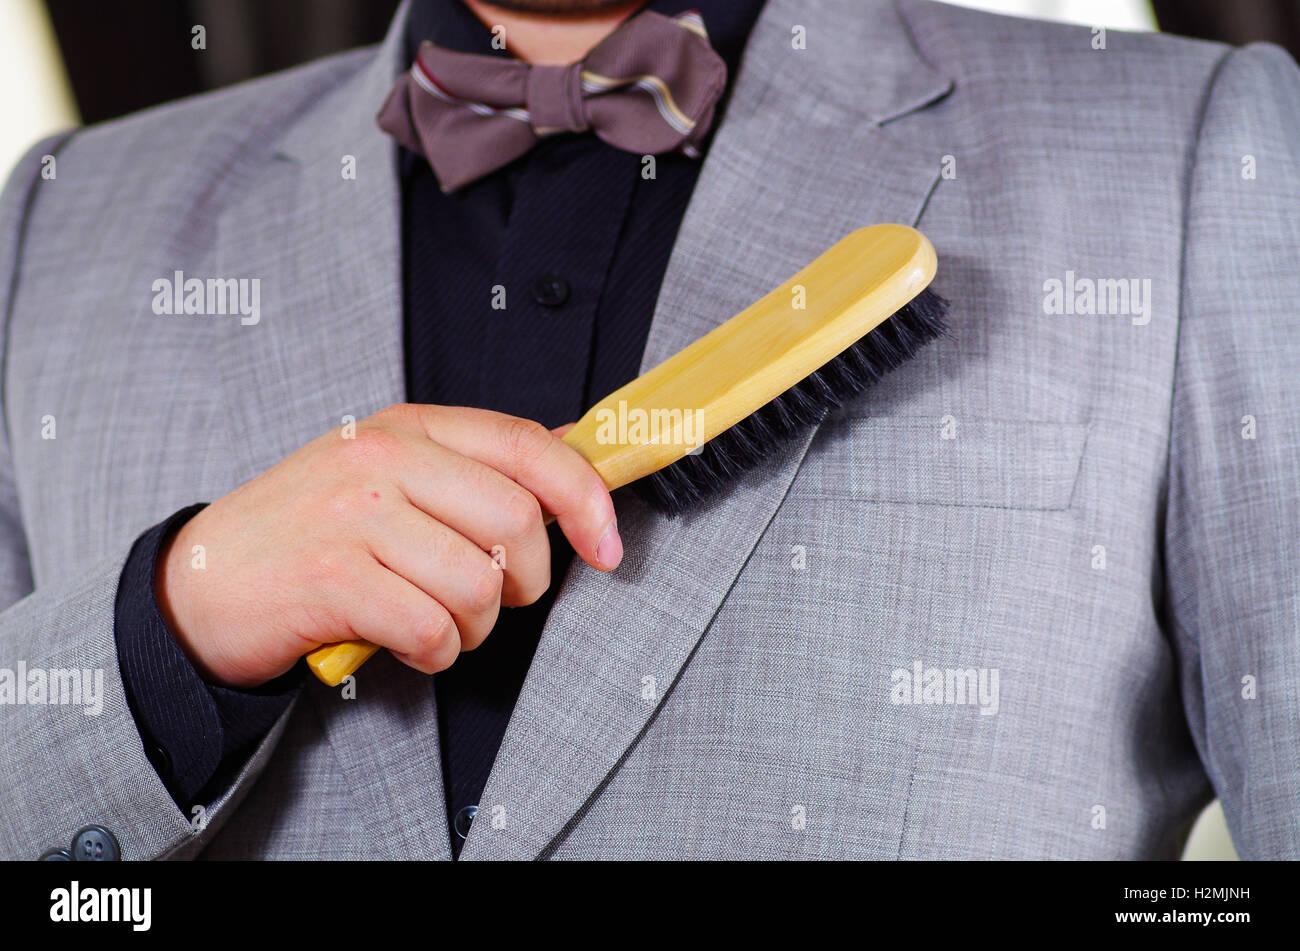 Tórax De Formal Primer Vestidos Hombre Plano Traje Del Área CYnAzqt